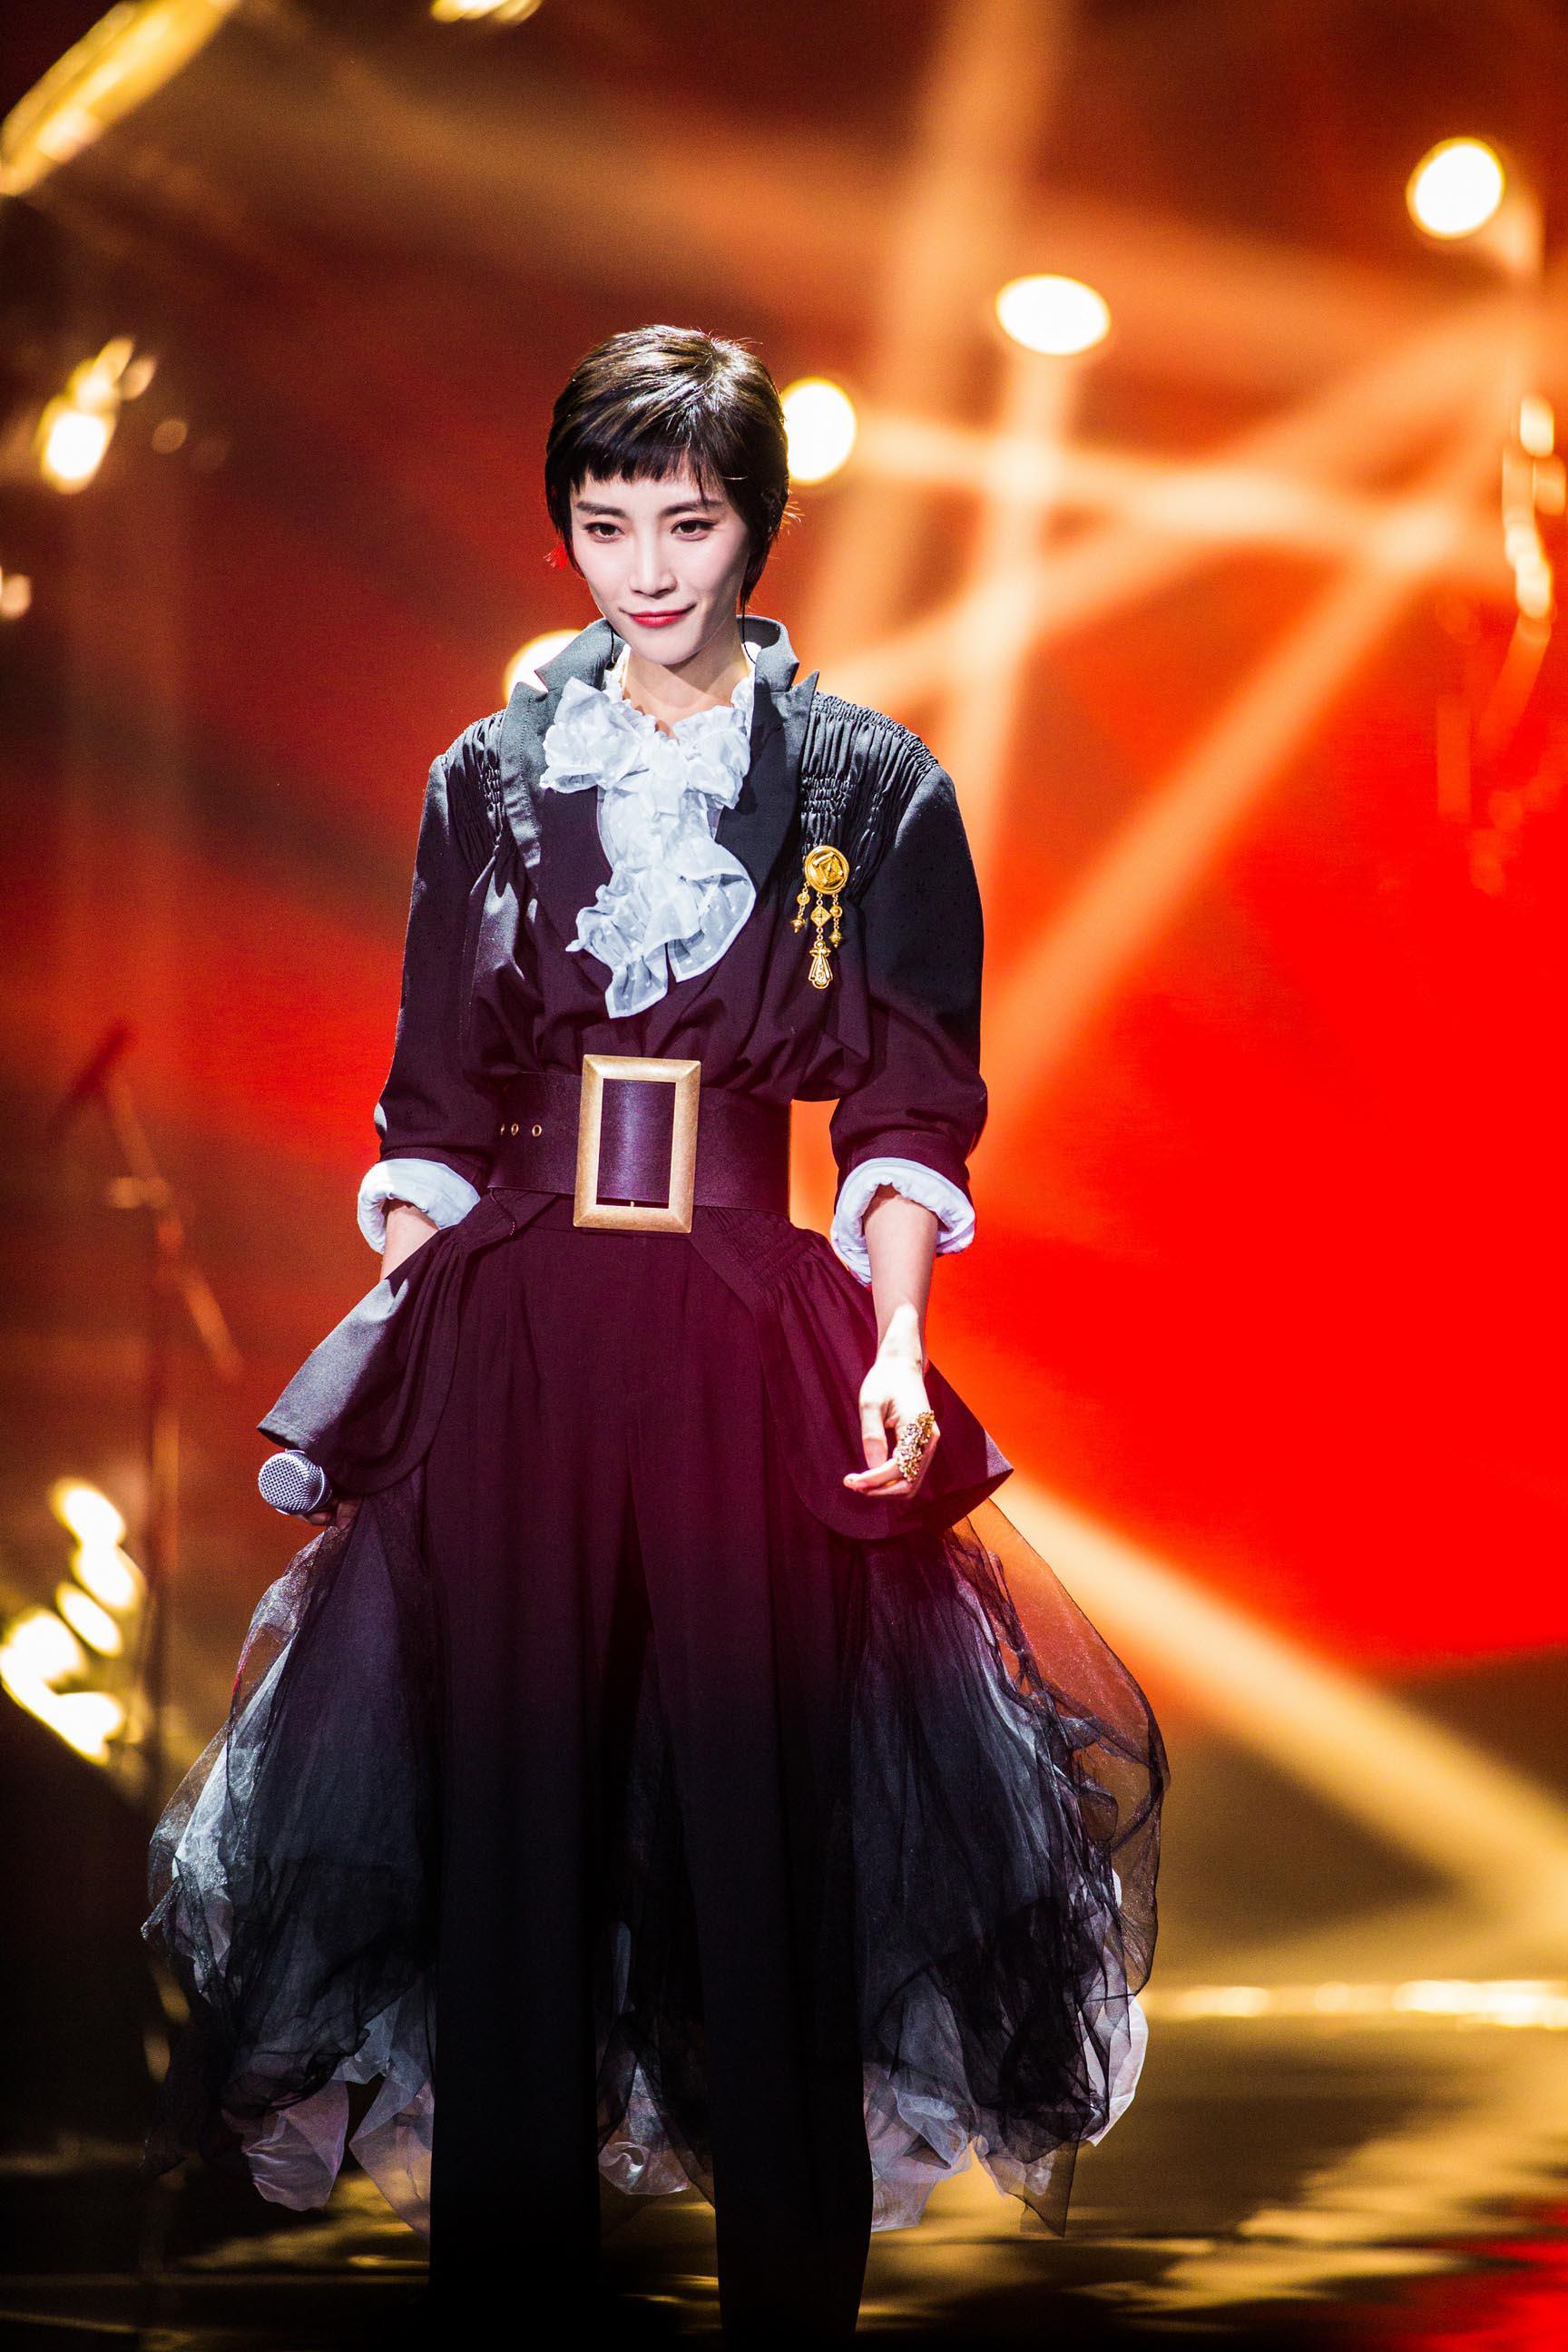 苏诗丁唯美演绎中国风《舍离断》 展现别样风情